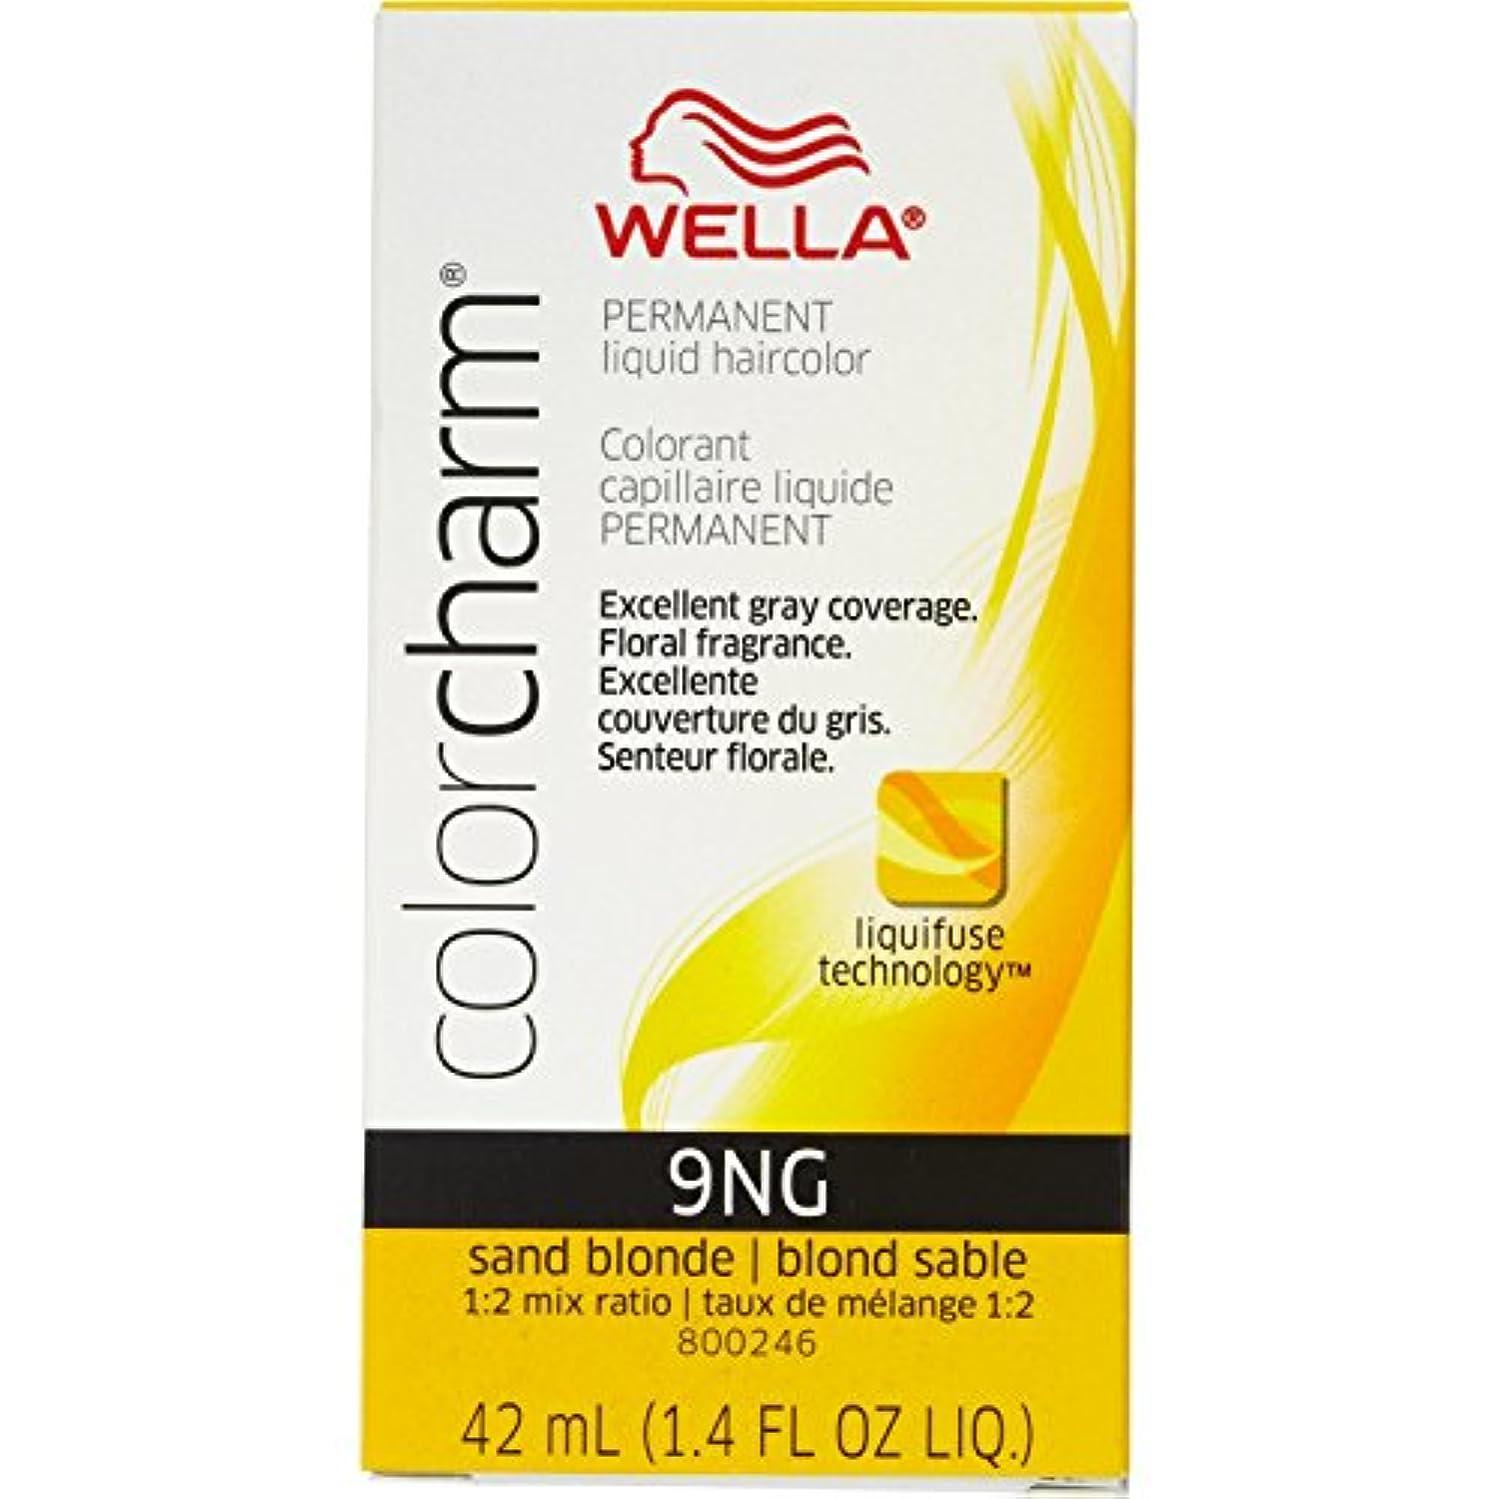 つぶやき羨望支給Wella 砂のブロンド色のチャーム液体パーマネントヘアカラー